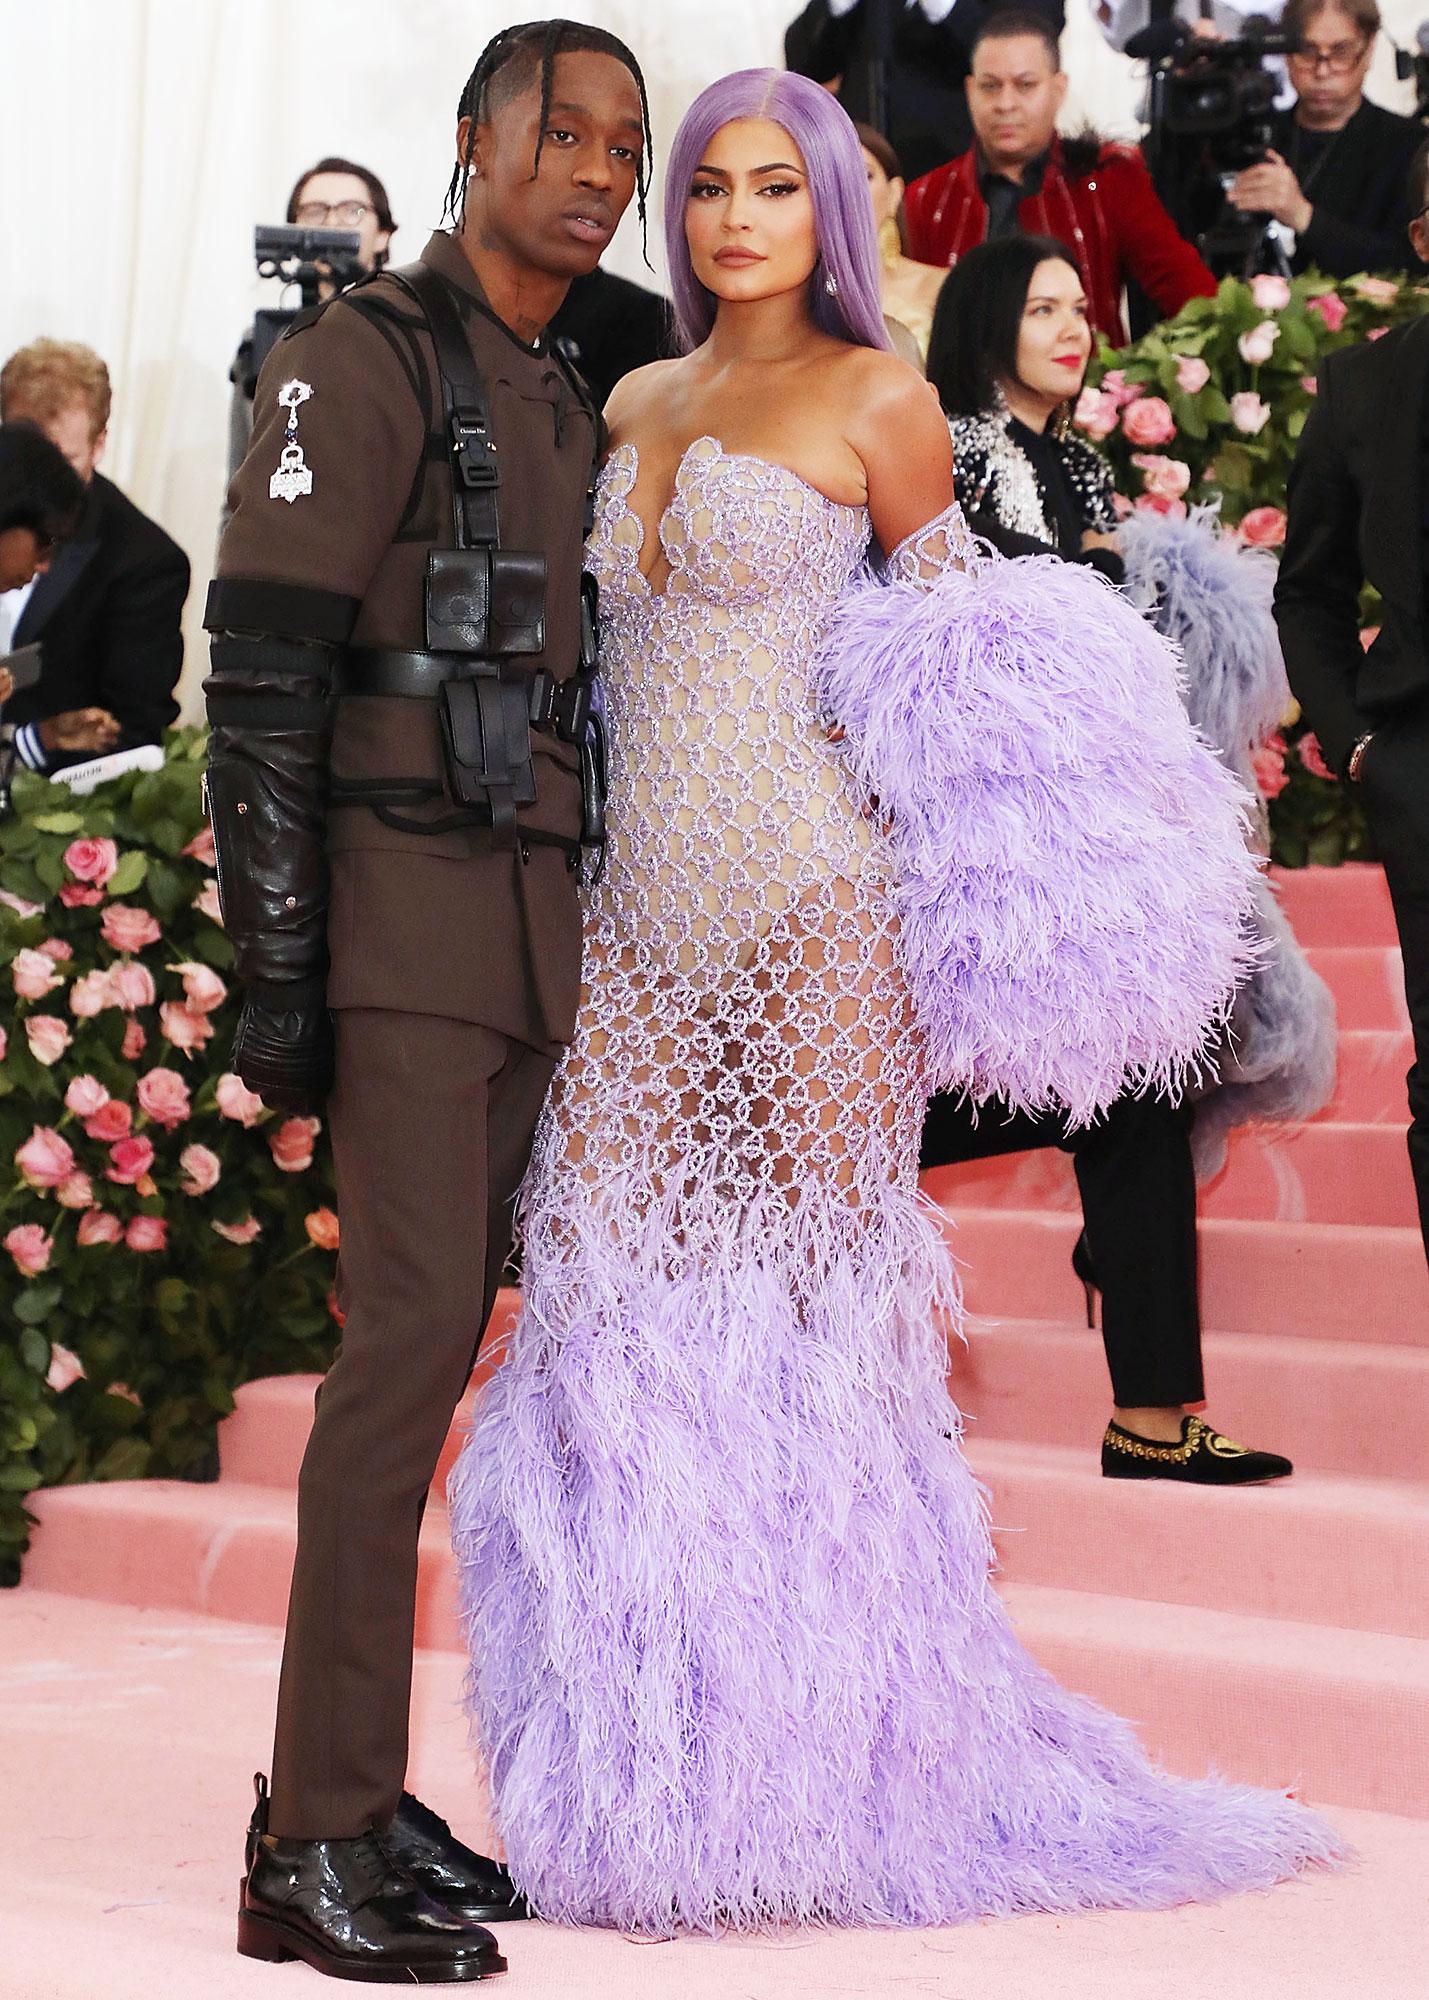 Travis Scott Kylie Jenner Dance Met Gala 2019 afterparty